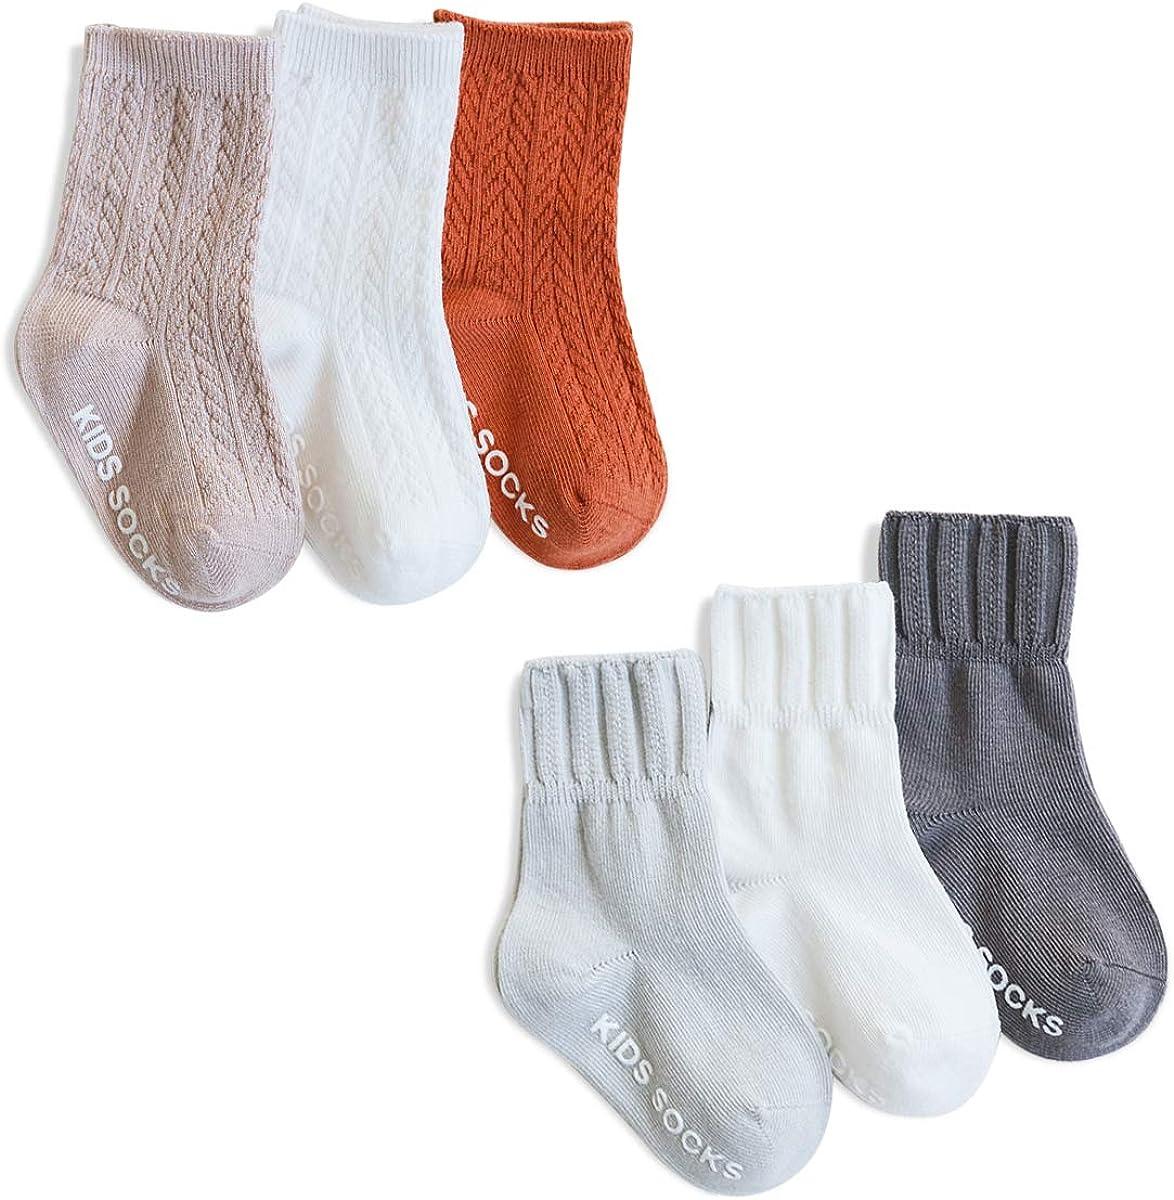 Einfarbig 0-6 Monate SONARIN 6 Paare Toddler M/ädchen Jungen Antirutsch Socken Baby M/ädchen rutschfeste Baumwollsocken